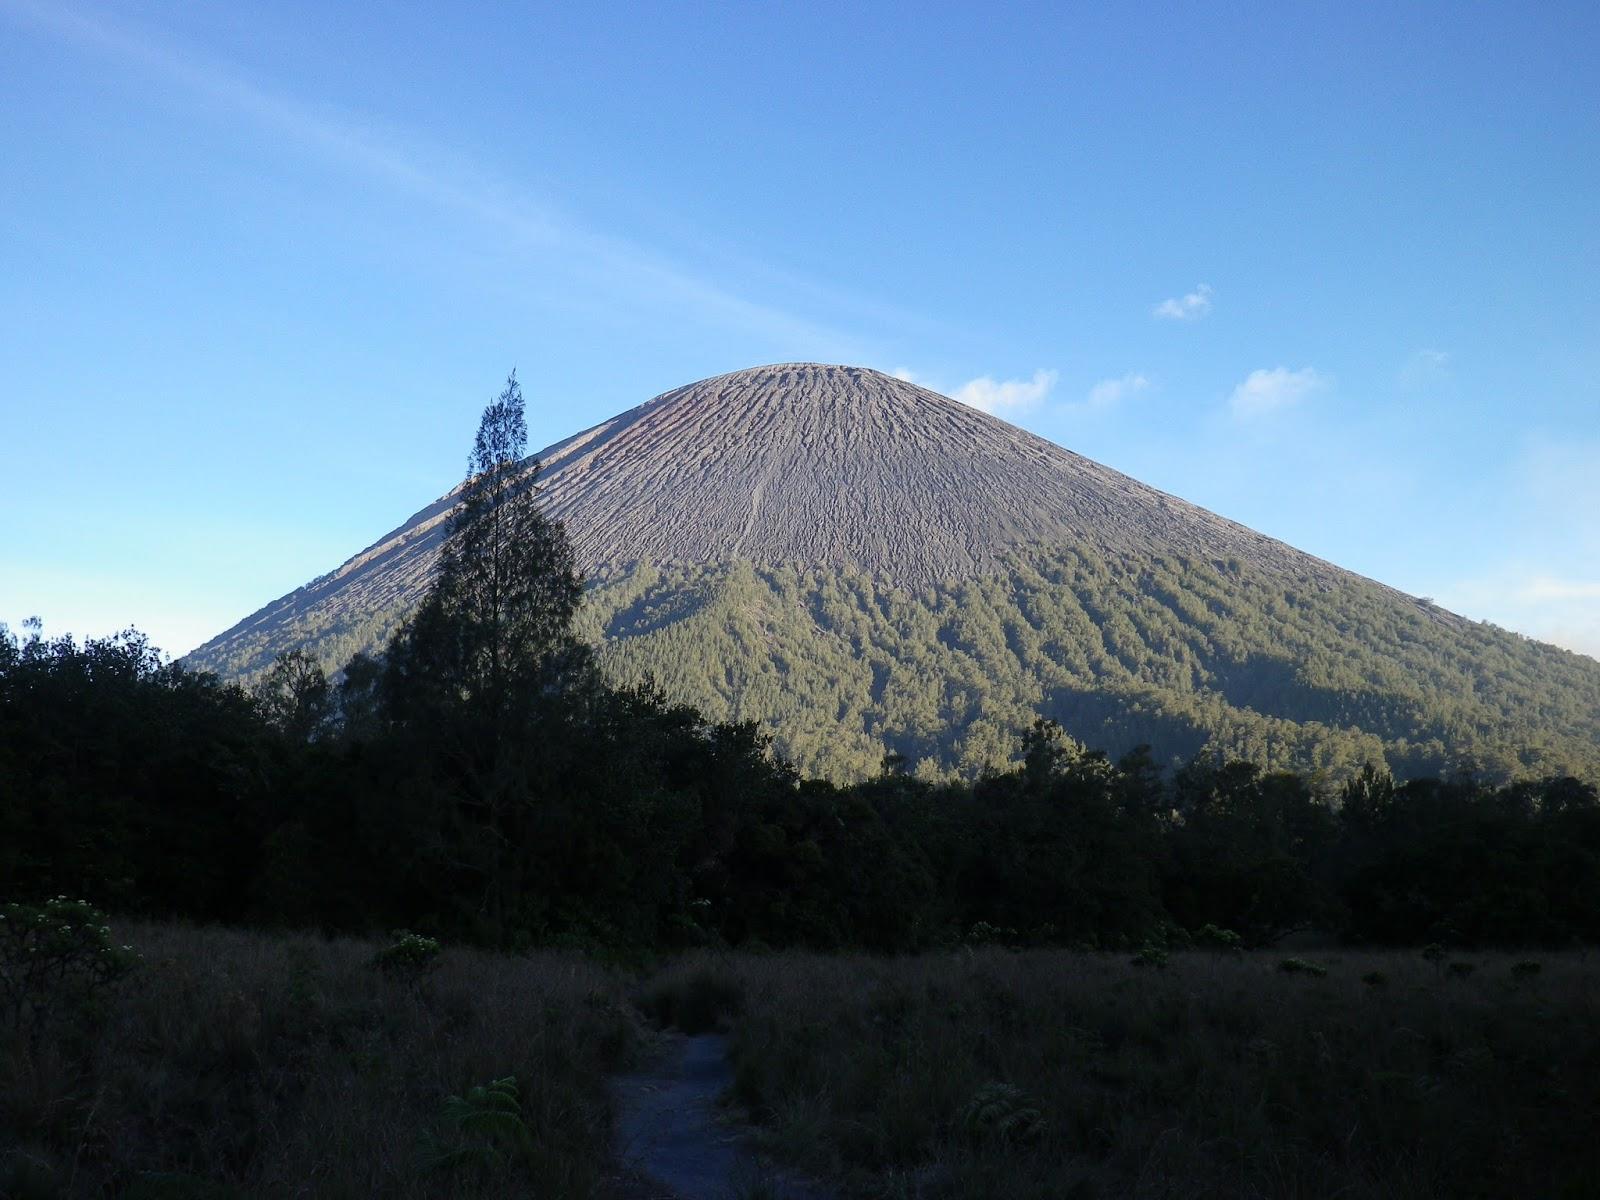 Bagaimana Tata Cara Pendakian Dan Mendaki Gunung Semeru Mahameru Jawa Timur Indonesia Jalur Transportasi Itinarary Dan Biaya Pendakian